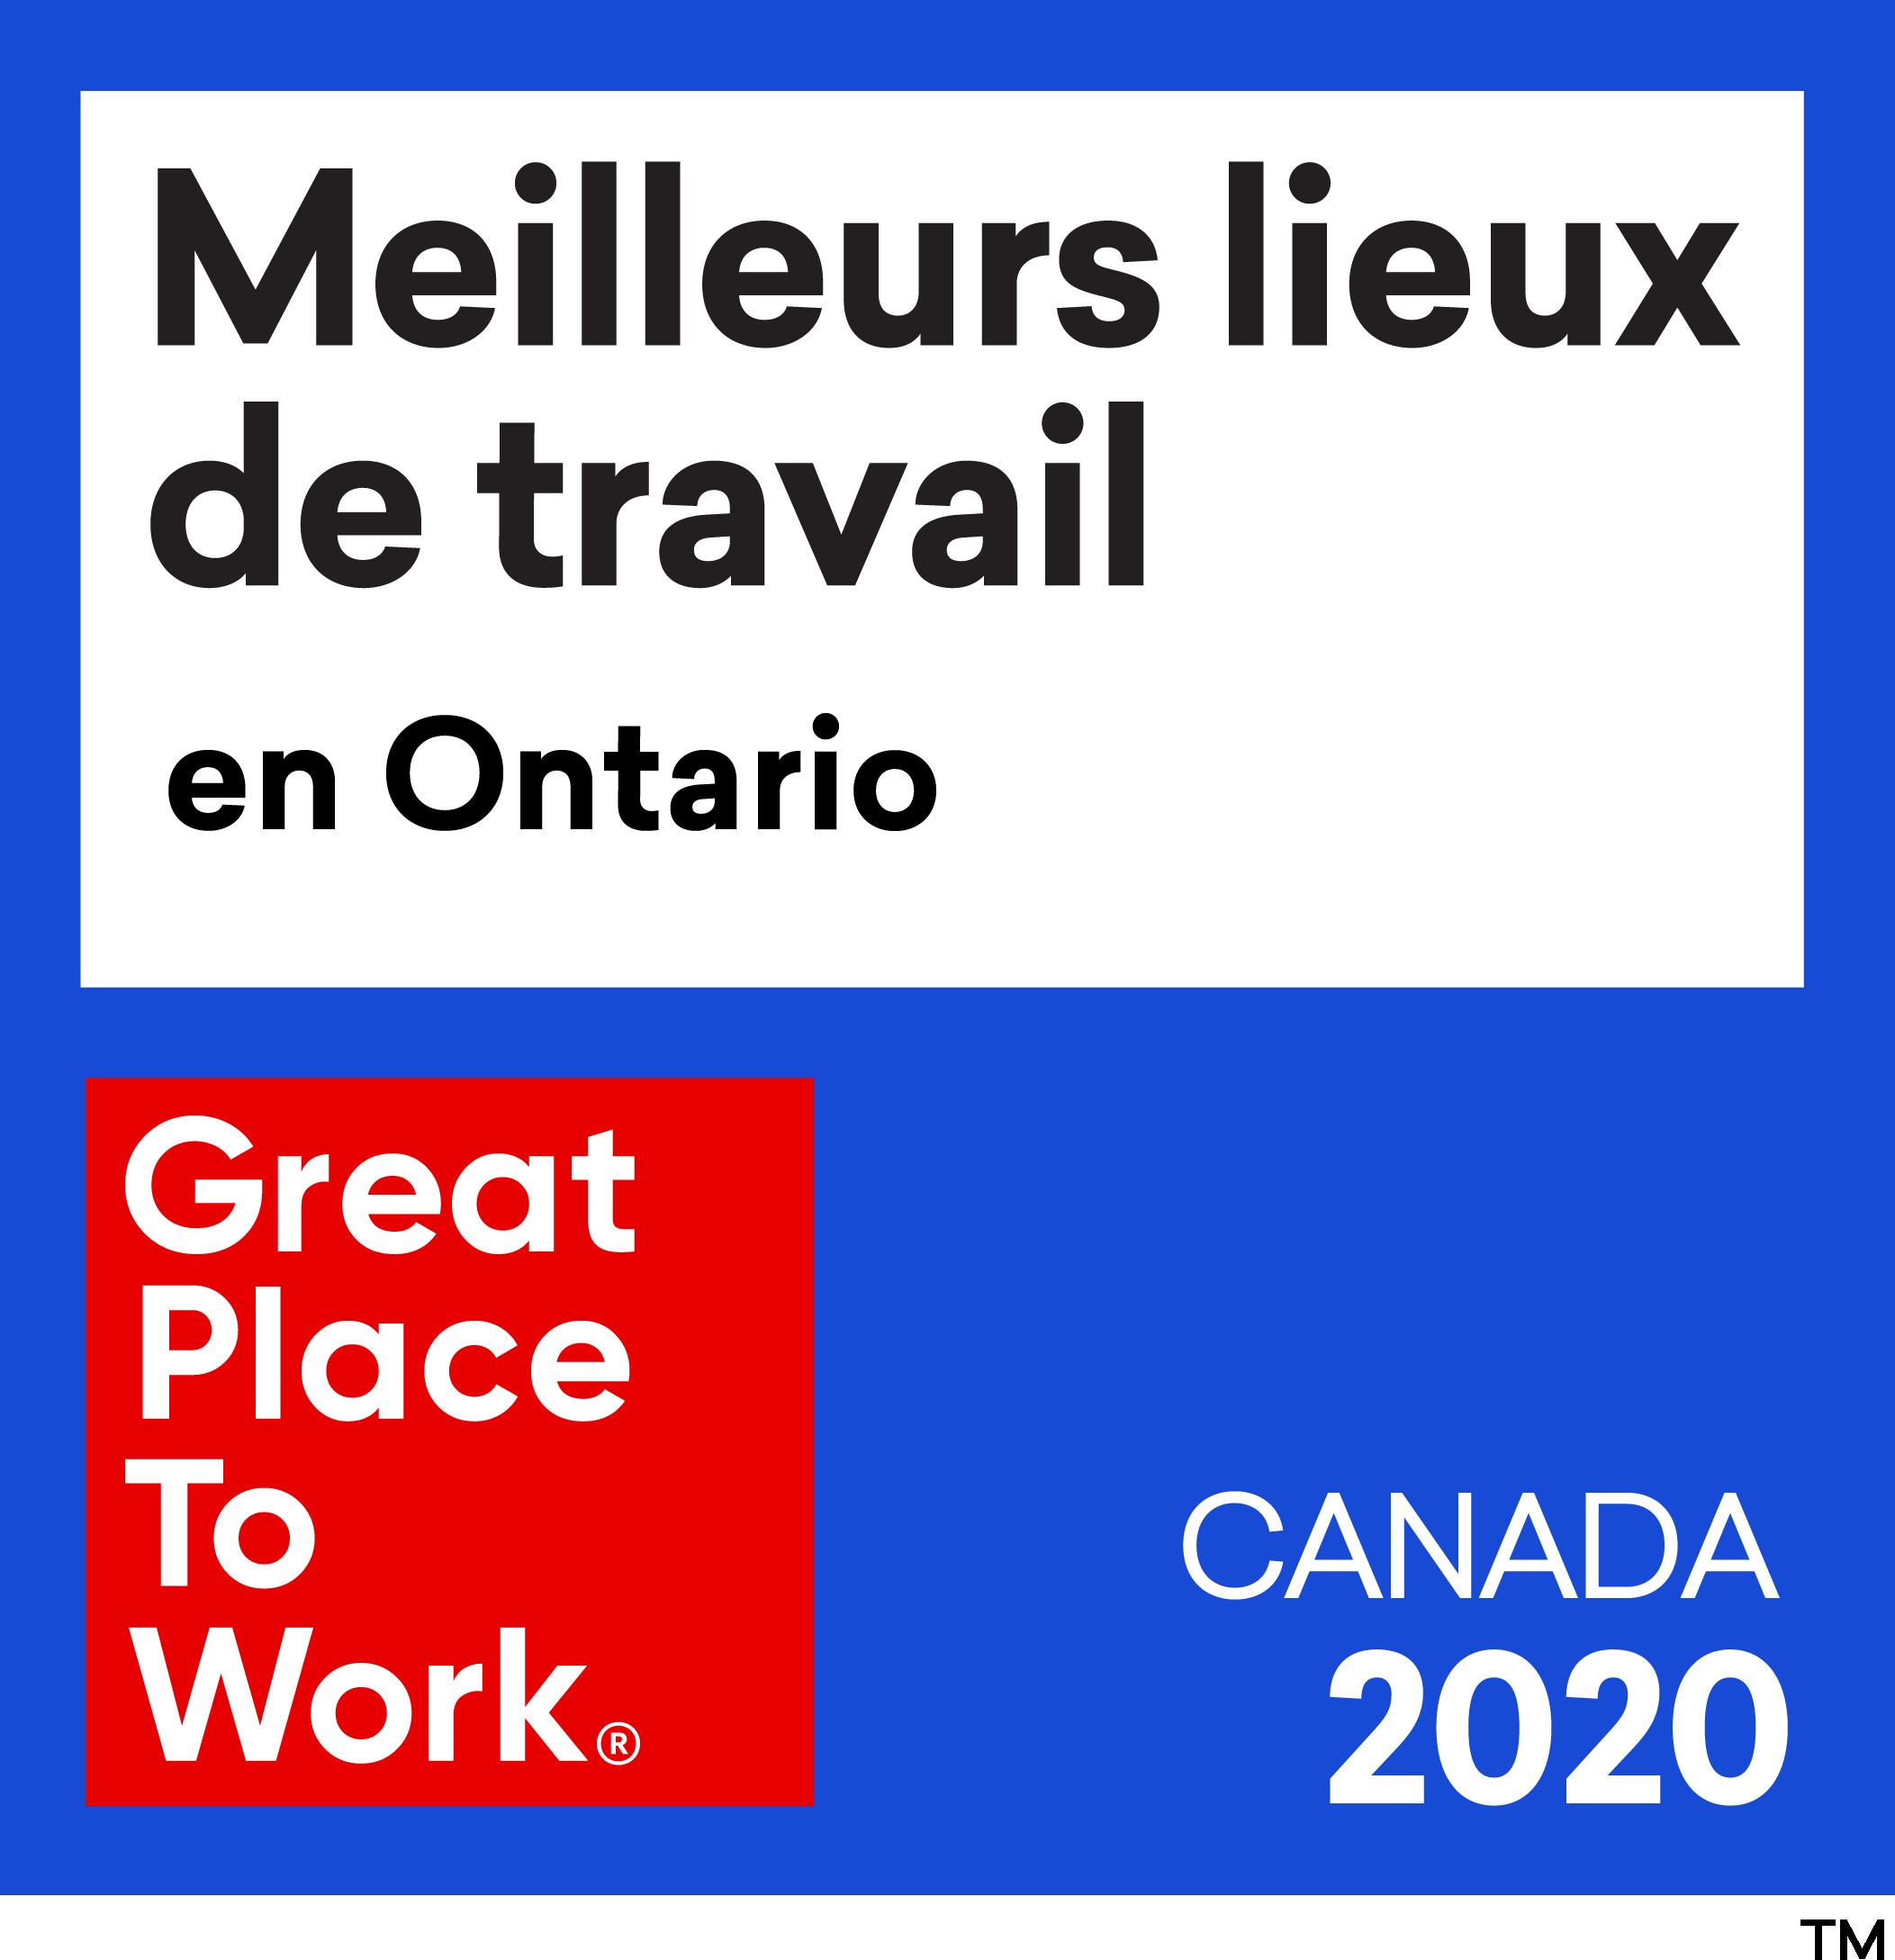 Meilleurs Lieux de Travail en Ontario. Great Place To Work. Canada 2020.